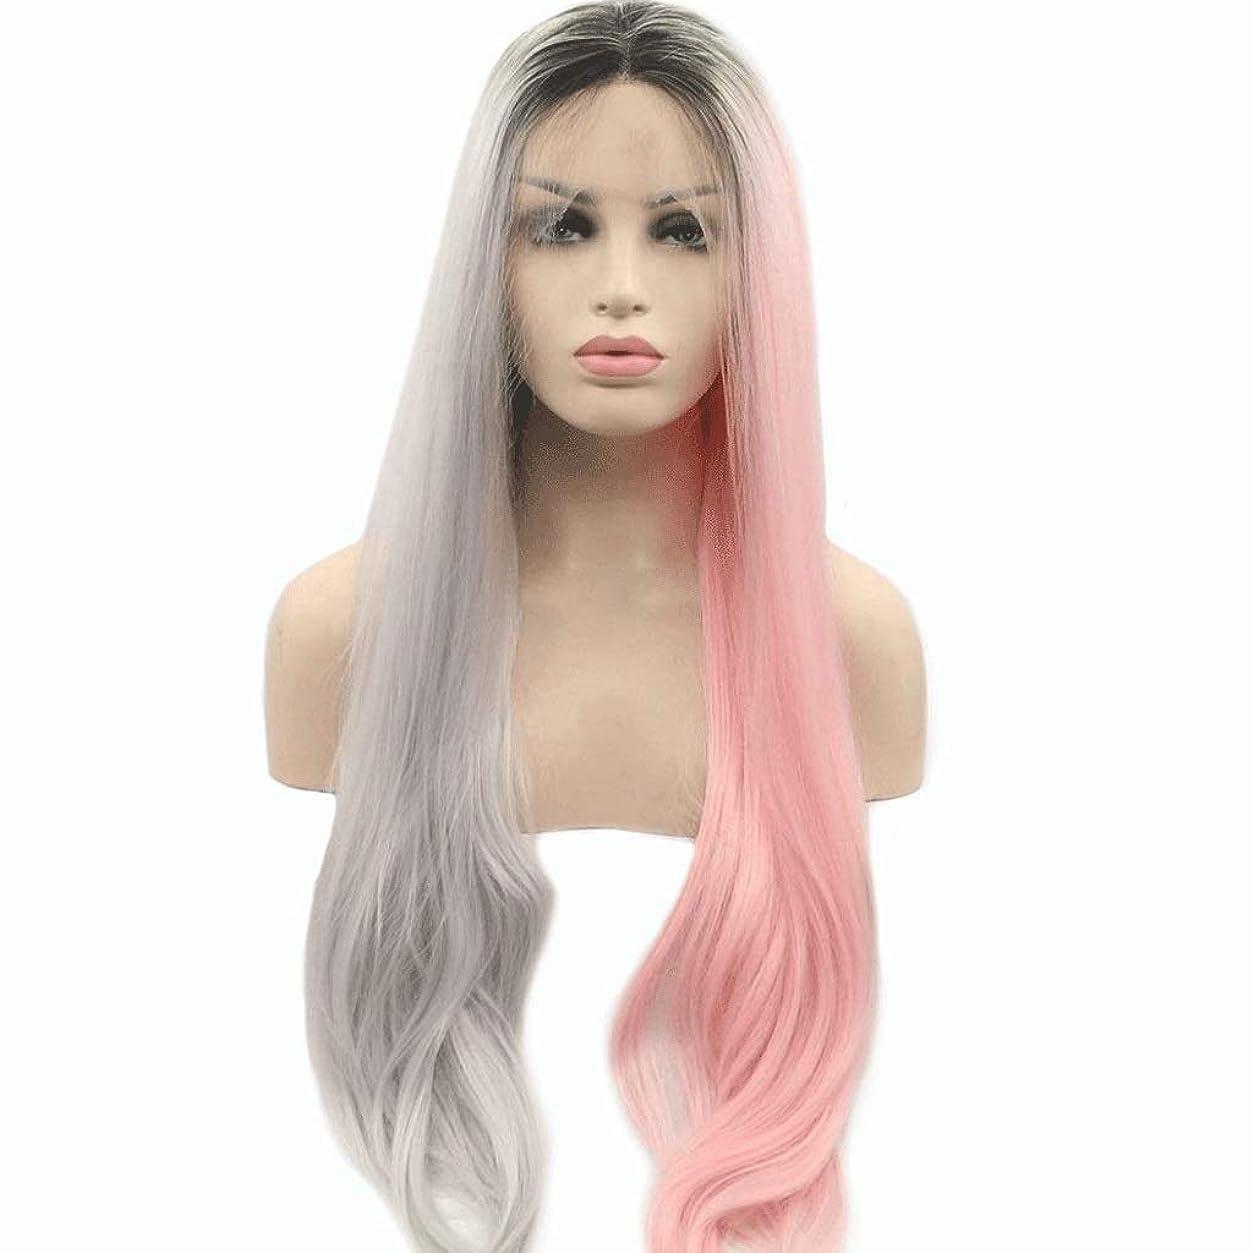 とティーム一元化する名誉あるレースフロントウィッグロングピンクグレーミックス合成かつら中央別れ自然な波状のかつら女性用耐熱24インチ (色 : Gray Pink)